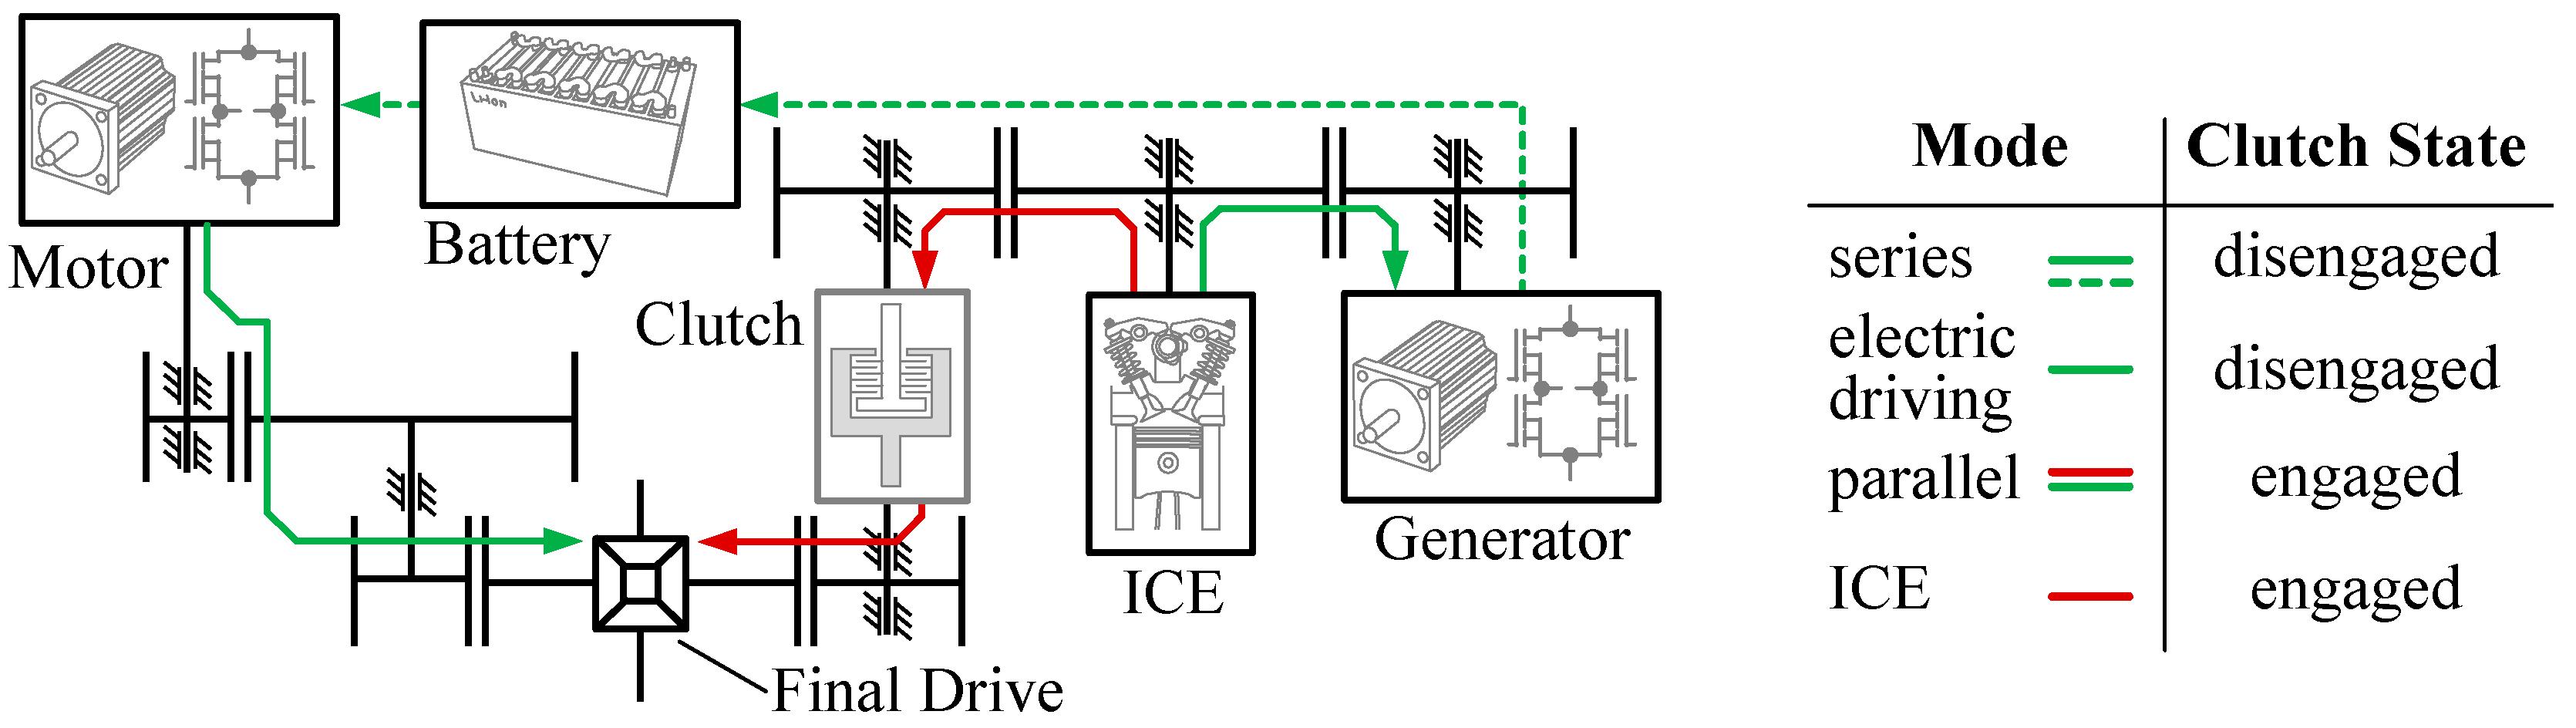 391 cc wiring diagram mitsubishi engine  u2022 wiring diagram